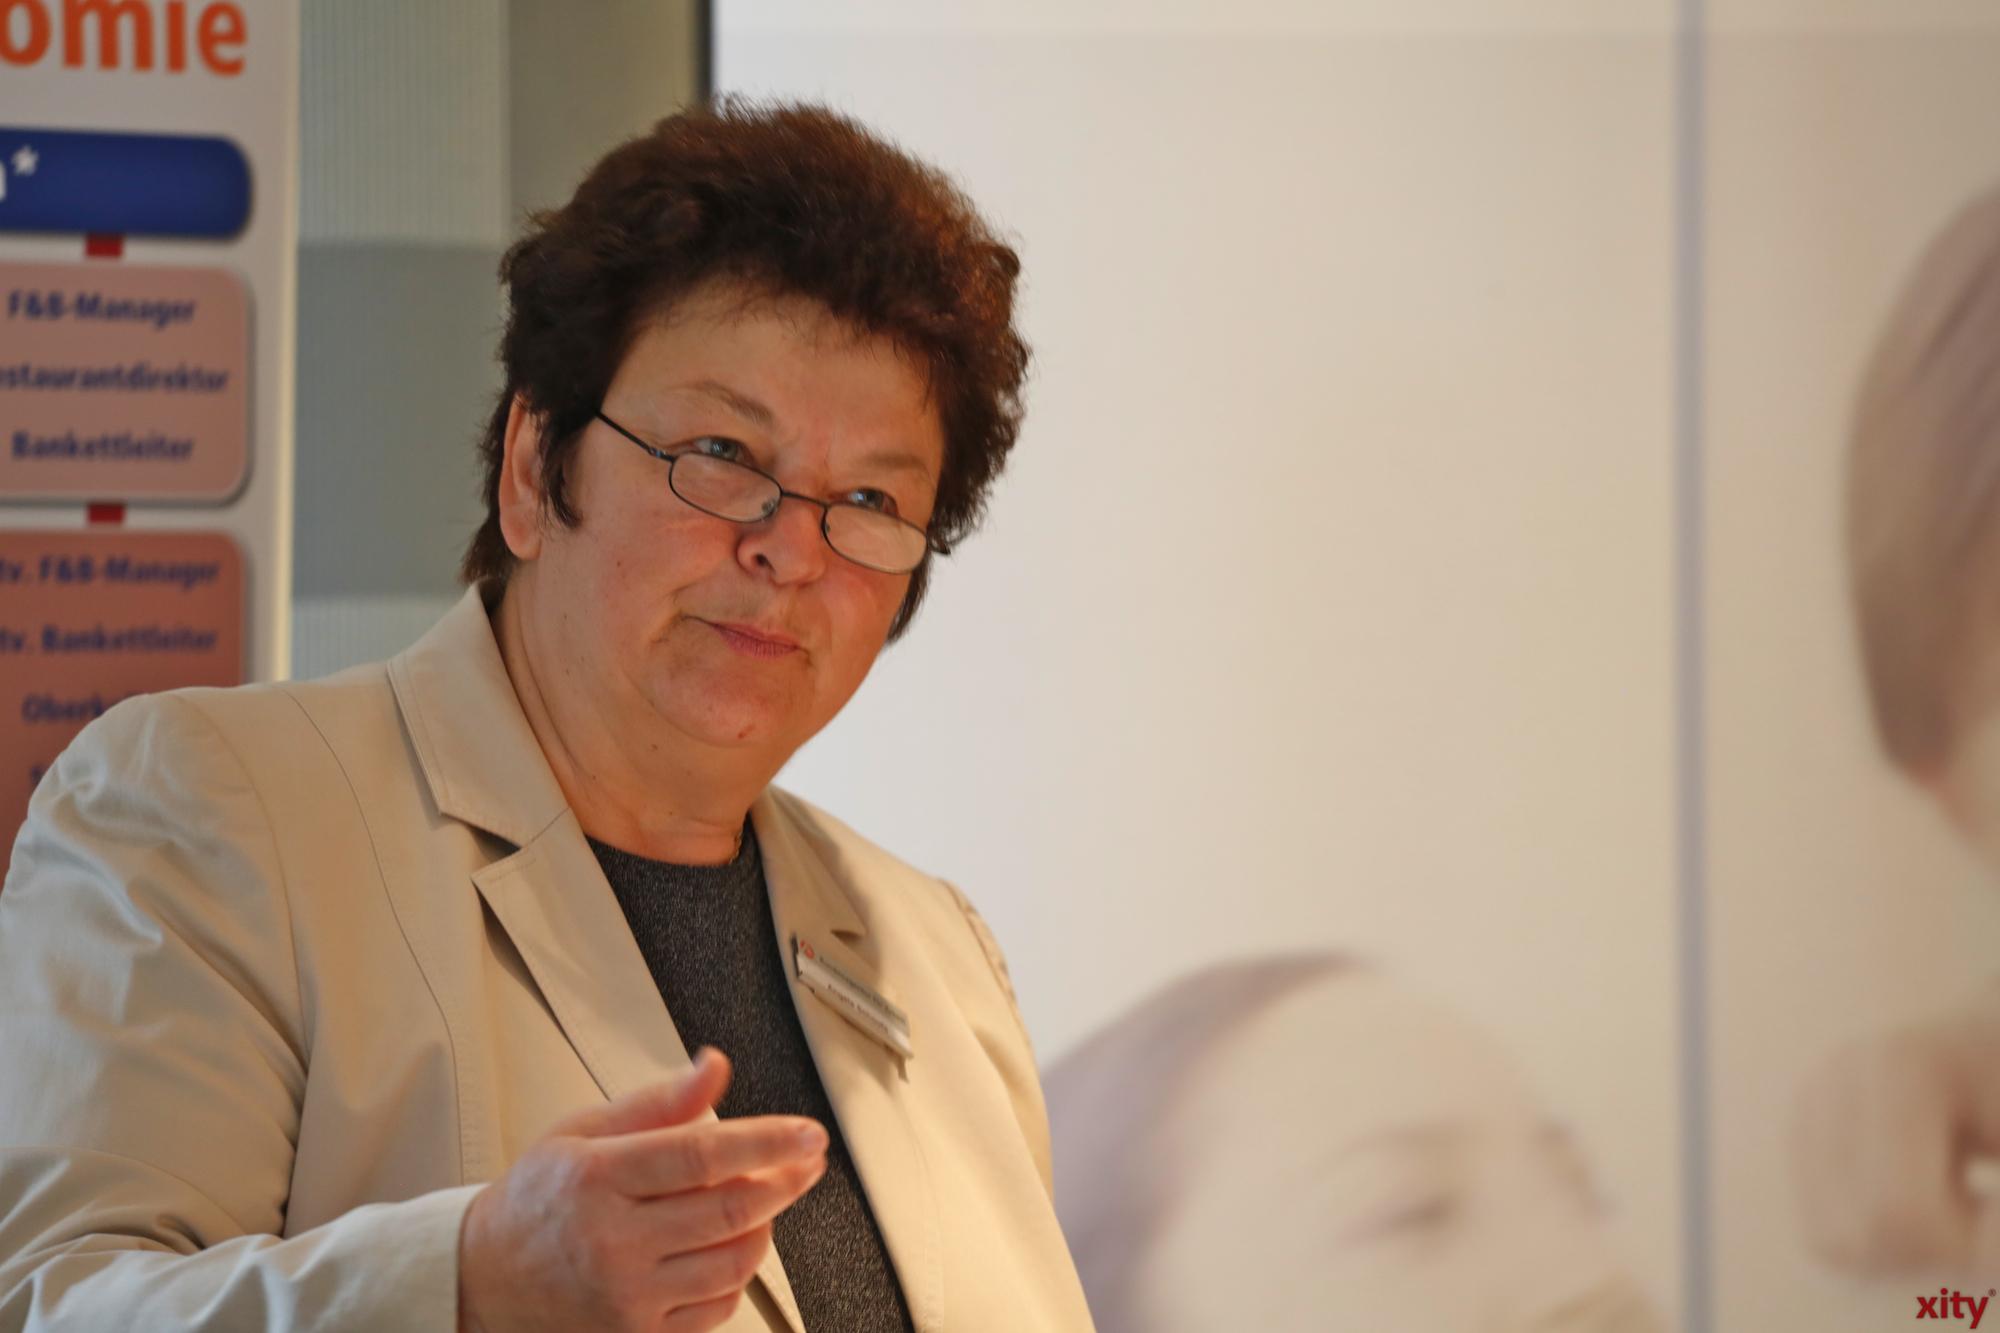 Angela Schoofs (Vorsitzende der Geschäftsführung der Agentur für Arbeit Mönchengladbach) (Foto: xity)